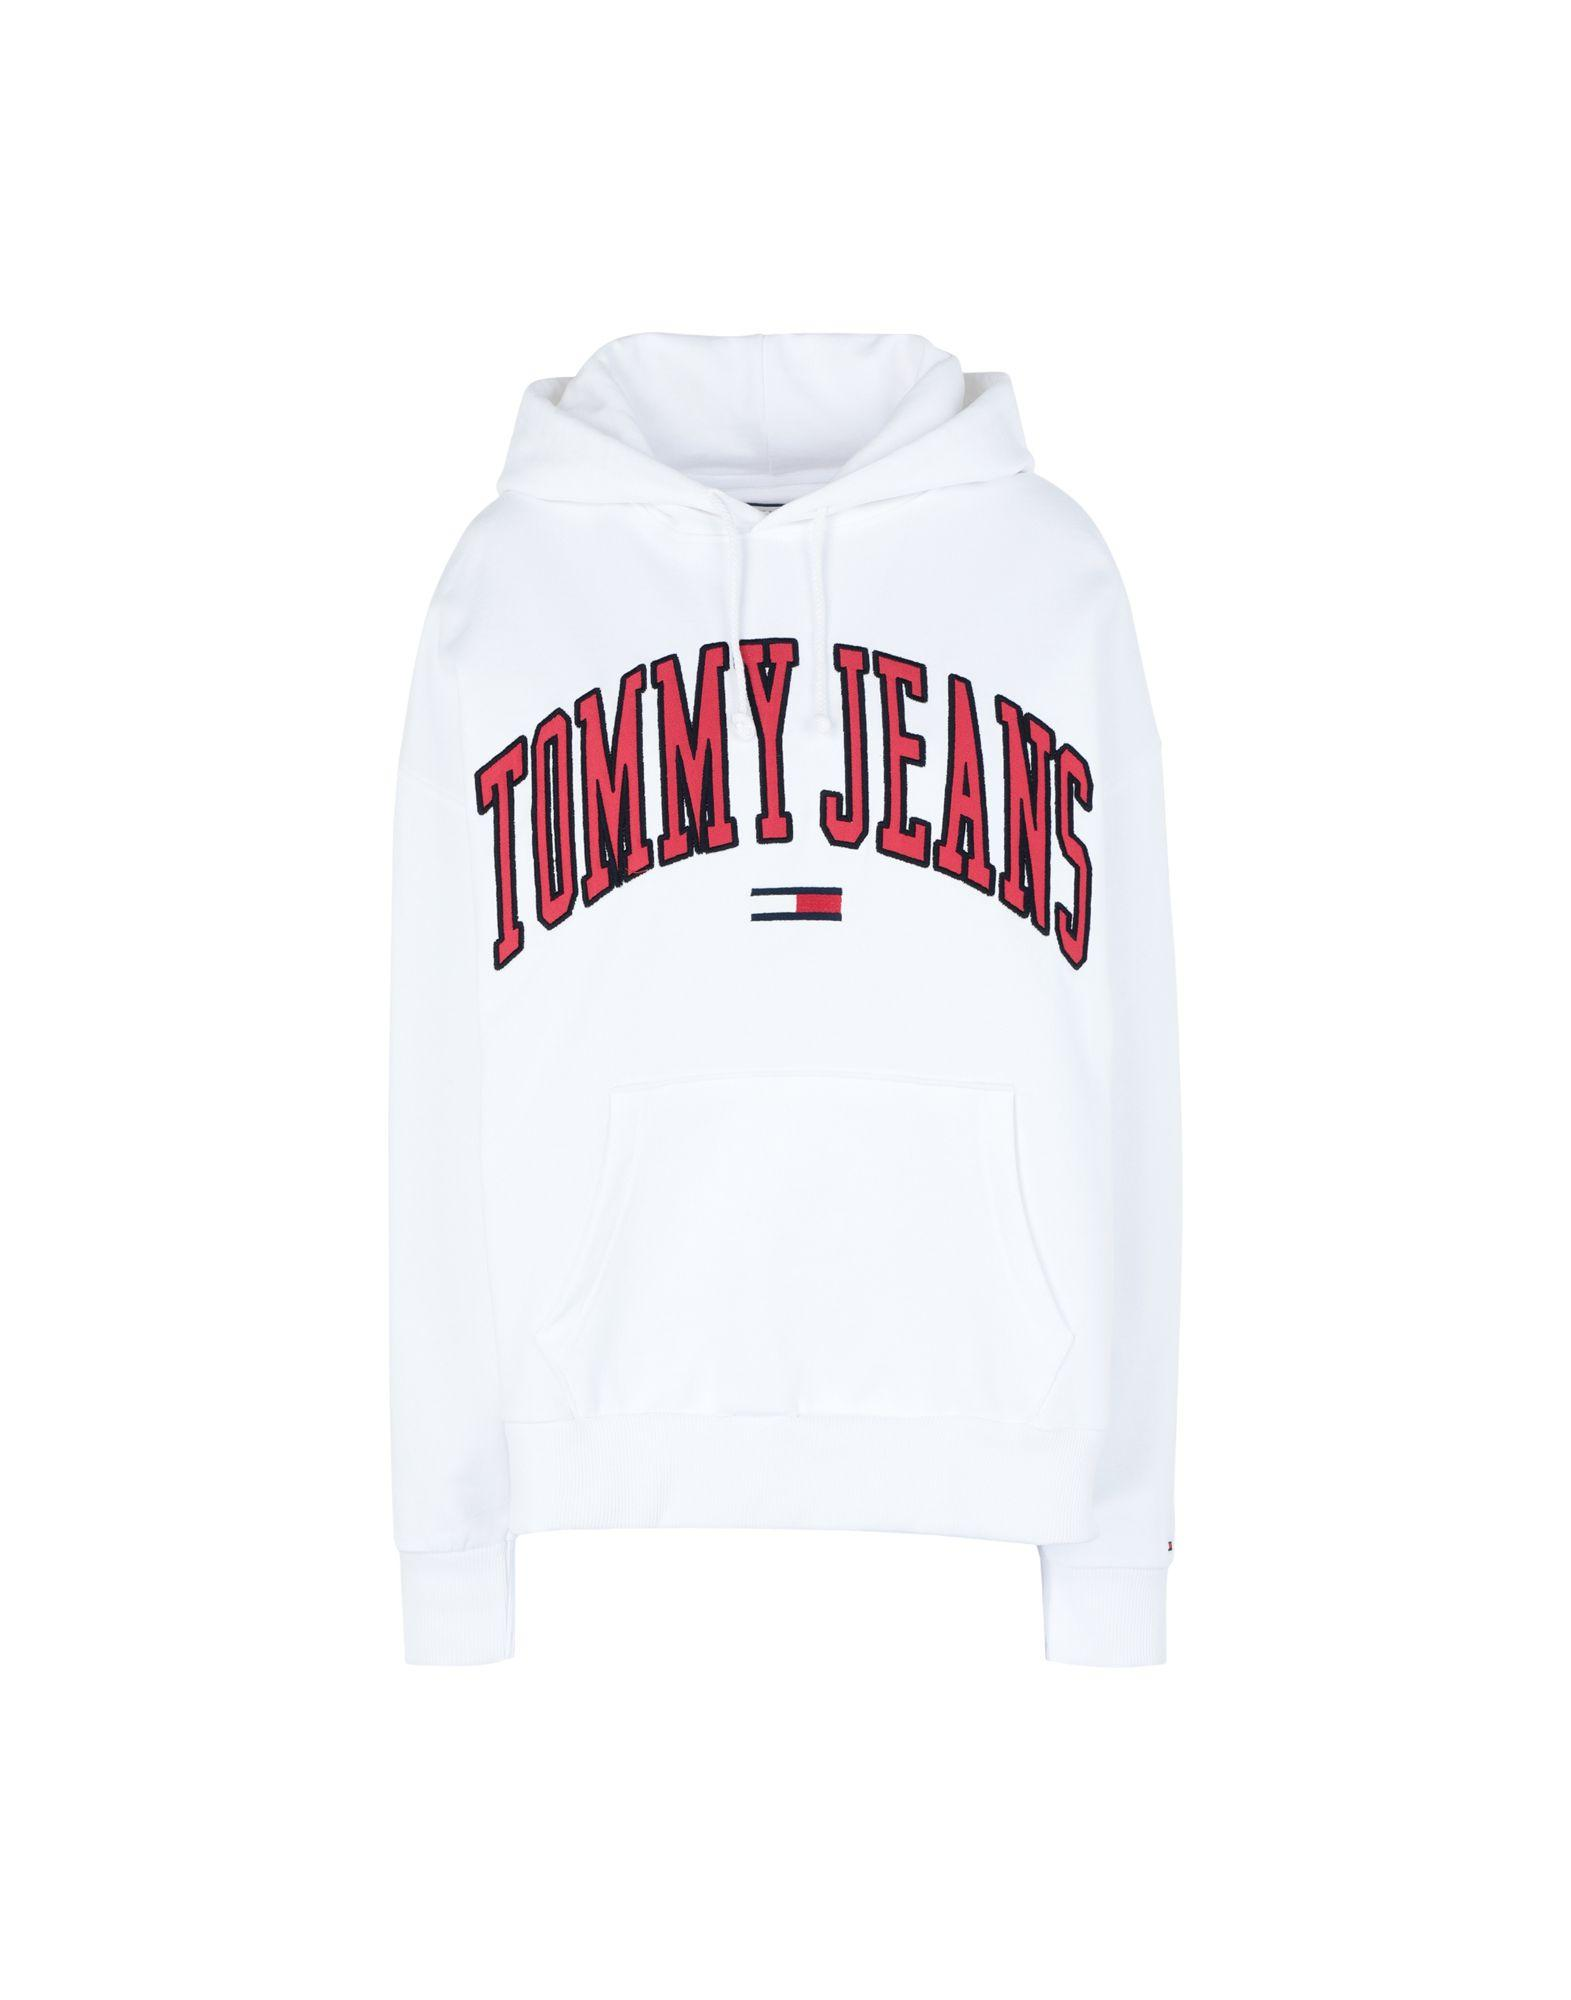 e4e48d512 Tommy Hilfiger Sweatshirt in White - Lyst